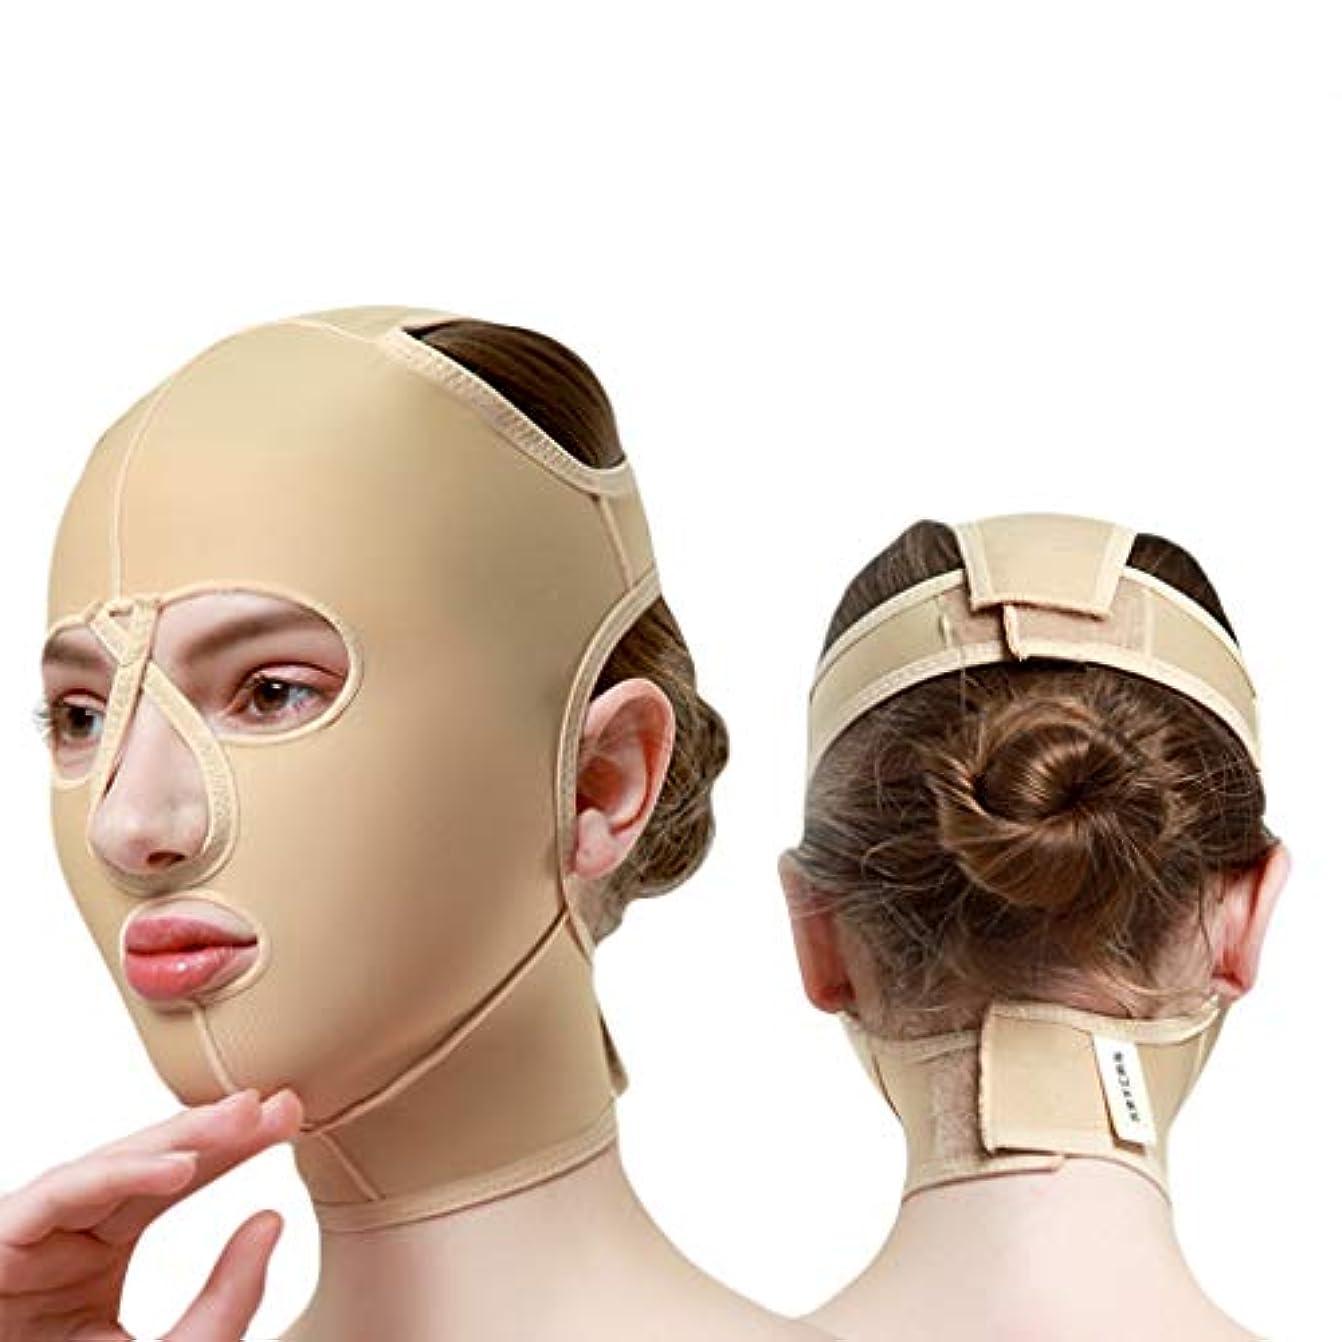 コード担保呪いあごのストラップ、顔の彫刻ツール、リフティングマスク、ダブルチンリデューサー、フェイスリフティングエラスティックマスク女性 (Size : M)